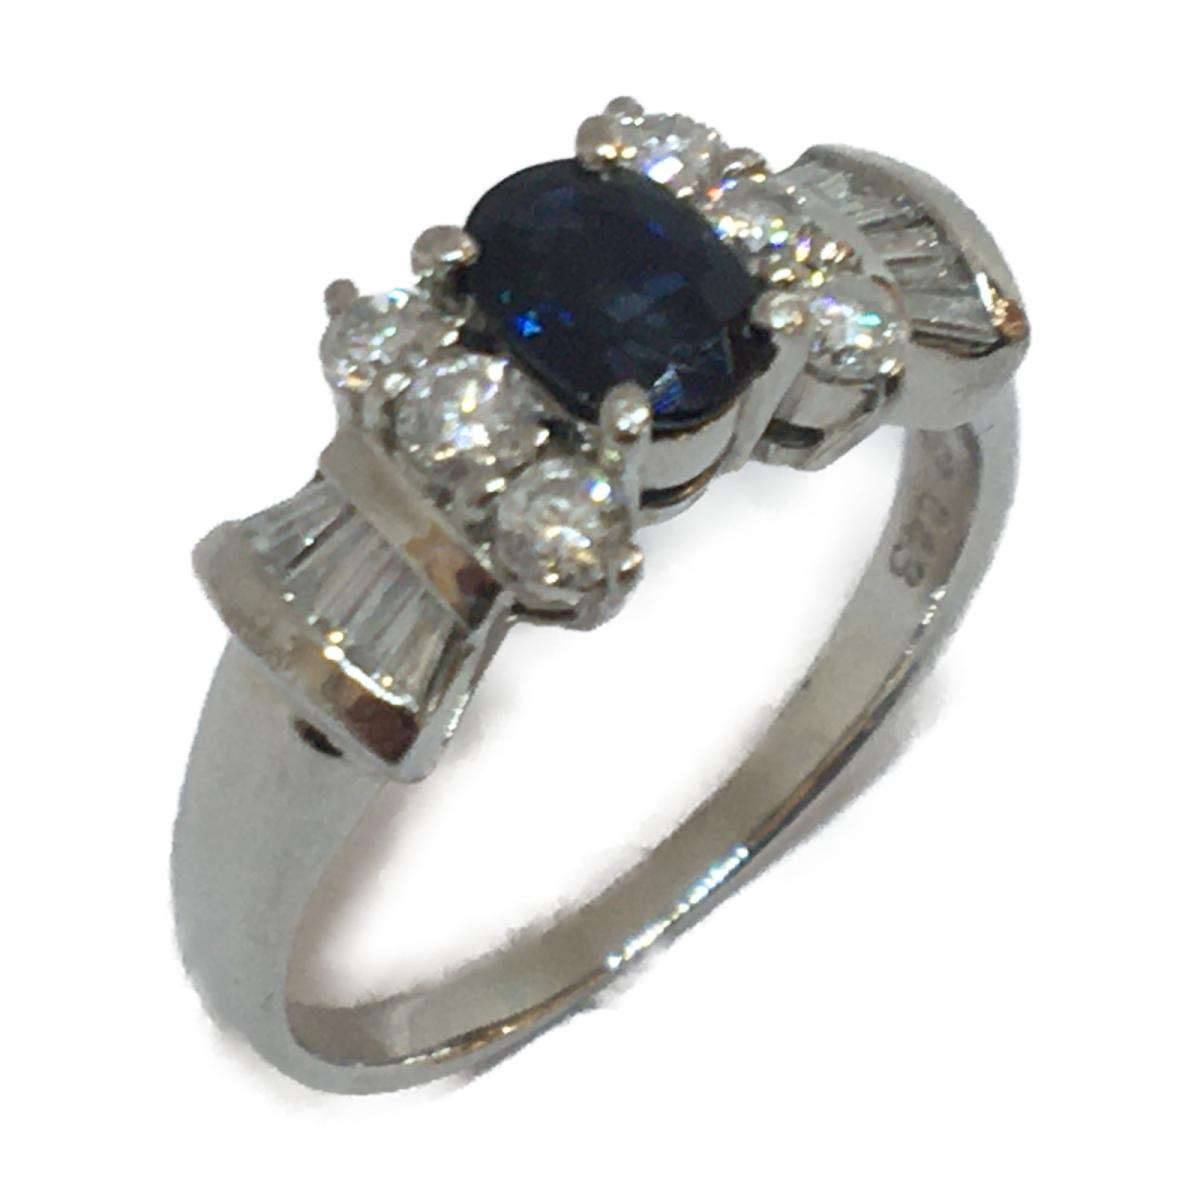 JEWELRY(ジュエリー)/ジュエリー サファイア 指輪 リング/リング//PT900(プラチナ)×サファイア(0.43ct) ×ダイヤモンド(0.67ct)/【ランクA】/13号【中古】